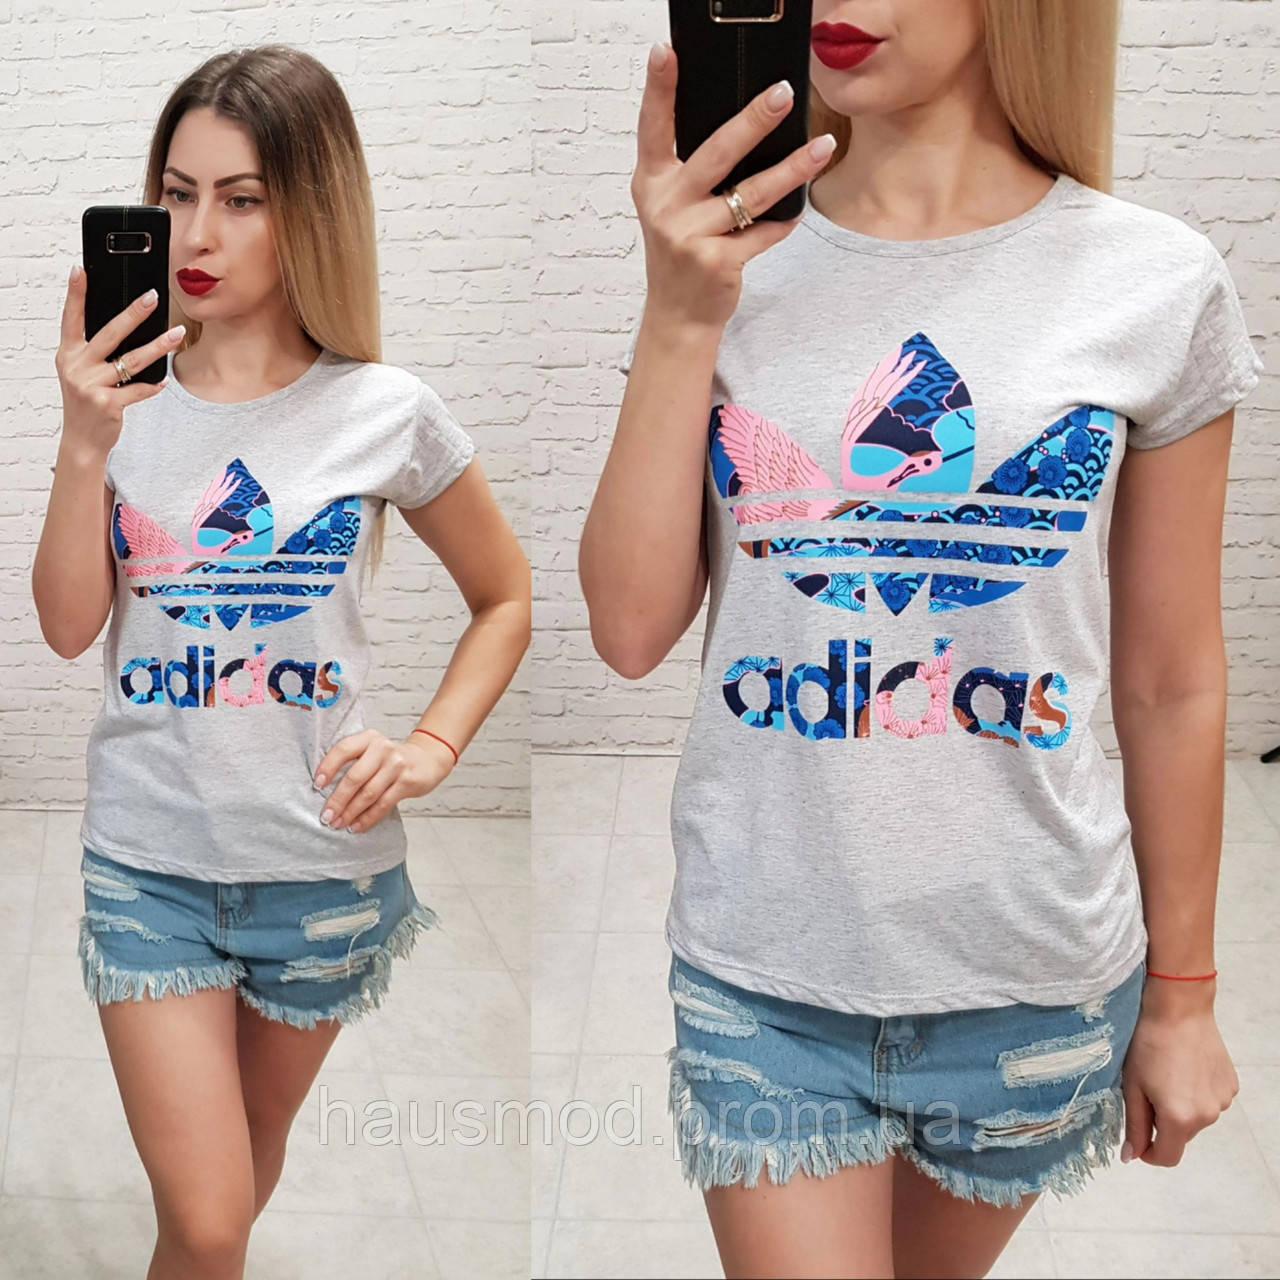 Женская футболка стильная летняя катон турция серая